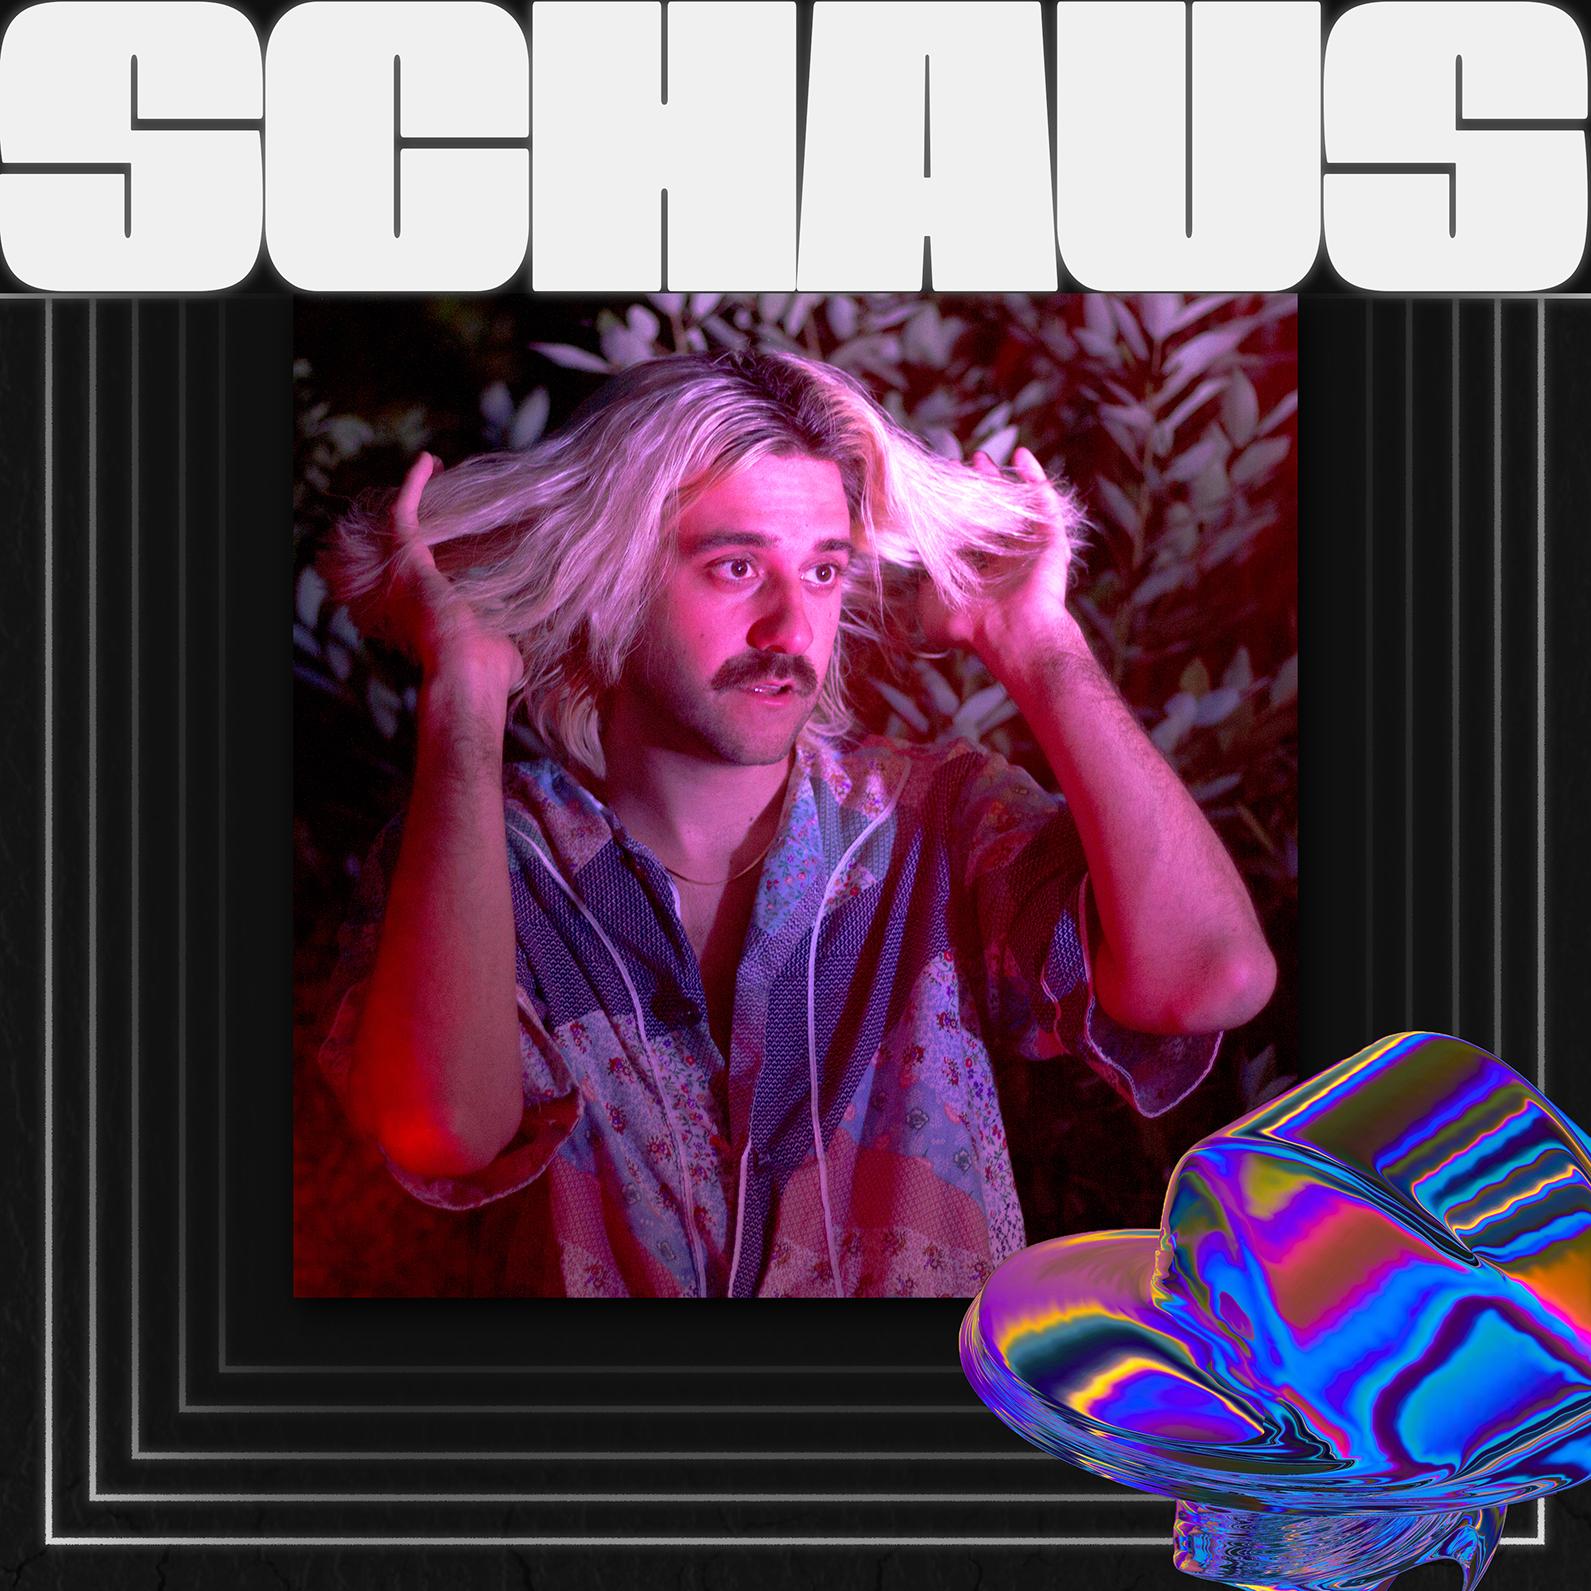 ALBUM STREAM: Schaus - Pop EP